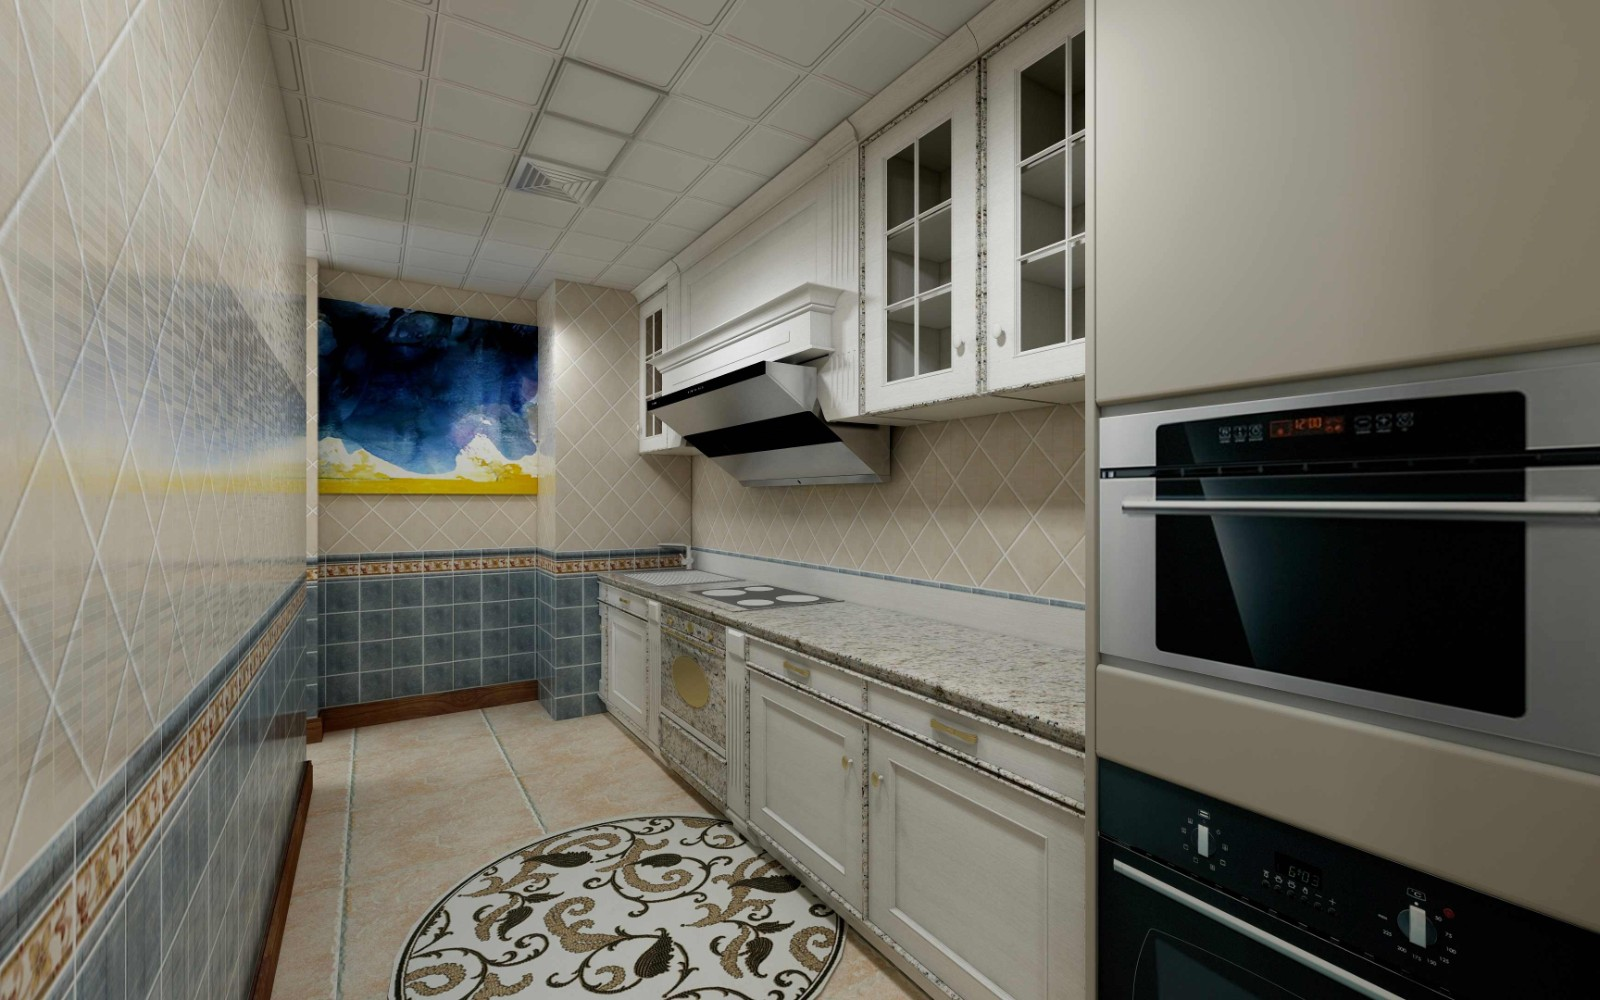 2021美式厨房装修图 2021美式厨房岛台装饰设计